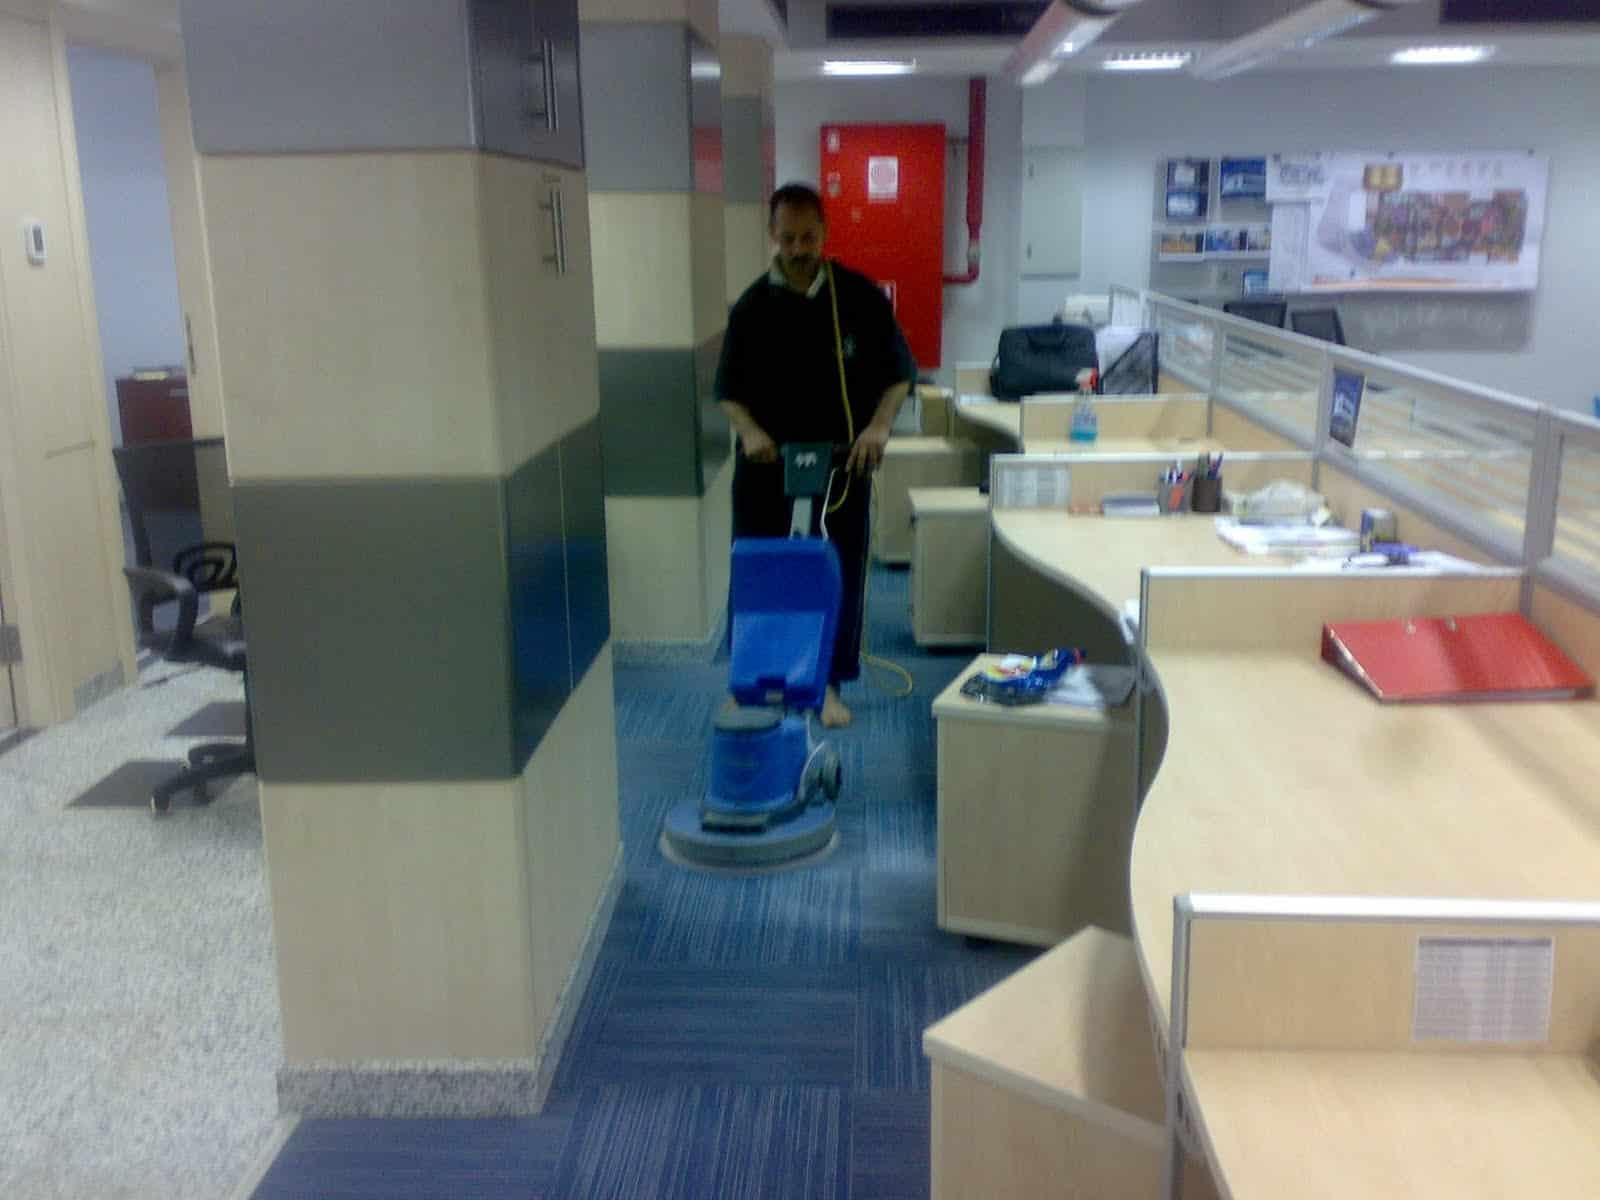 شركة تنظيف شقق بالجبيل شركة تنظيف شقق بالجبيل شركة تنظيف شقق بالجبيل 0557312007 2